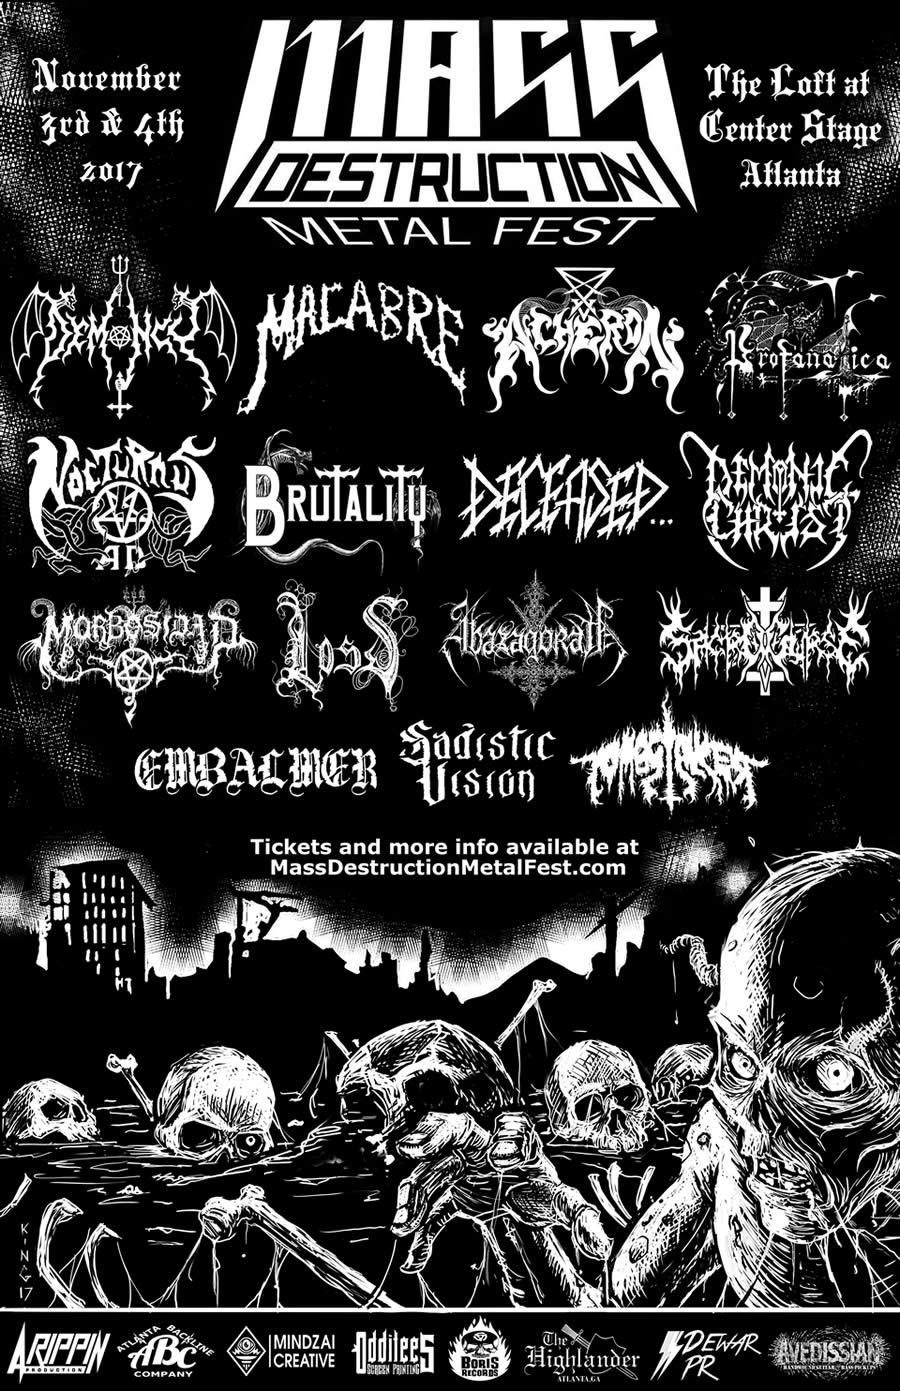 Mass Destruction Metal Fest